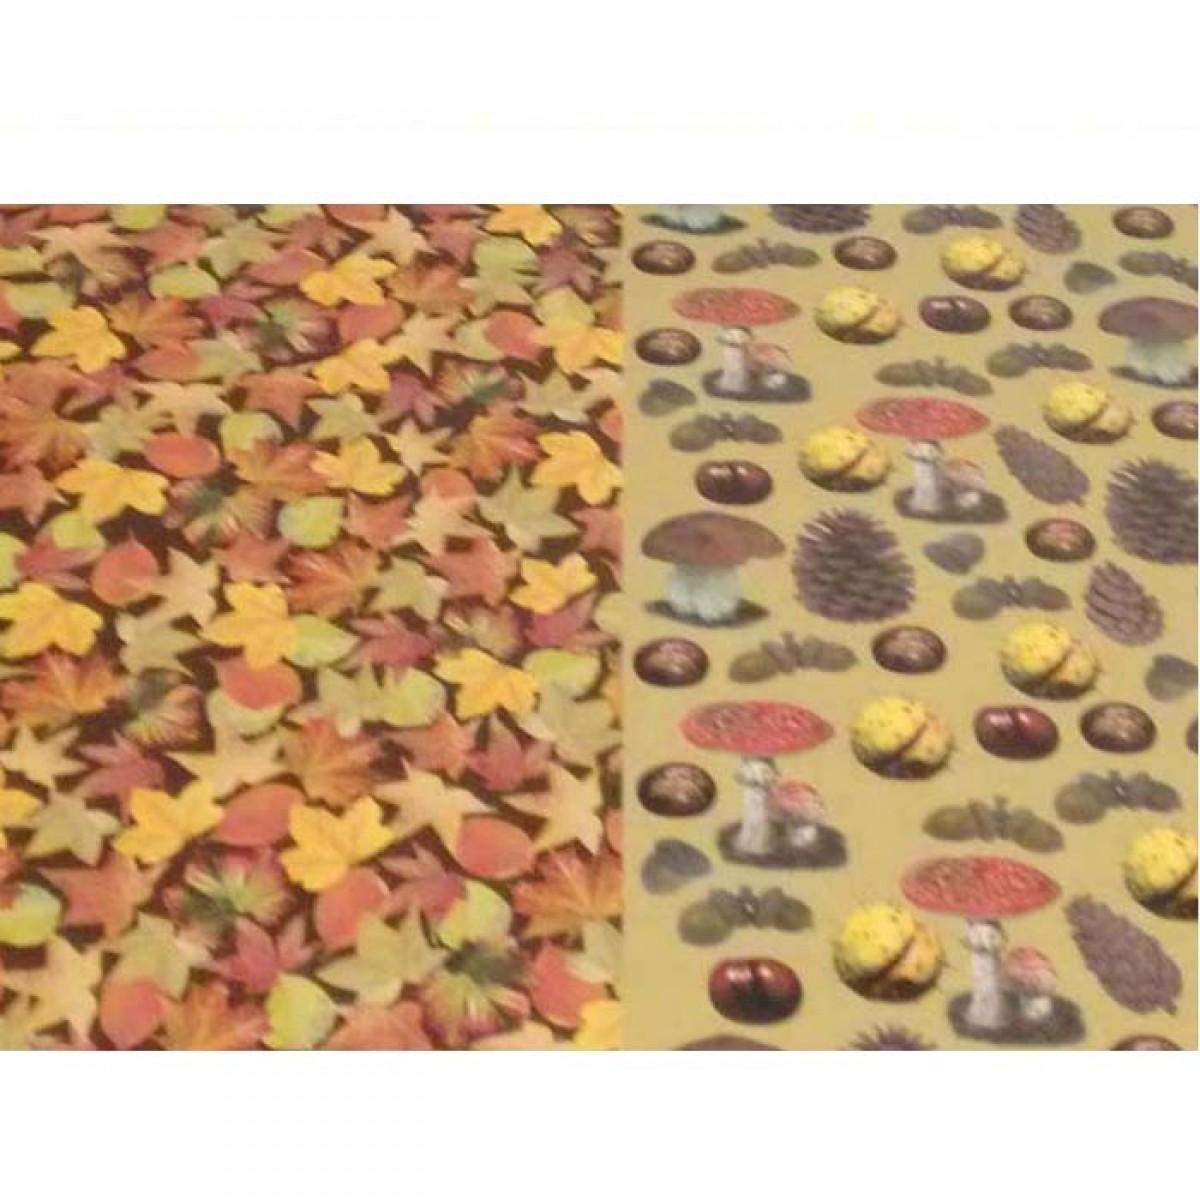 Φθινοπωρινά Σχεδια Χαρτόνια